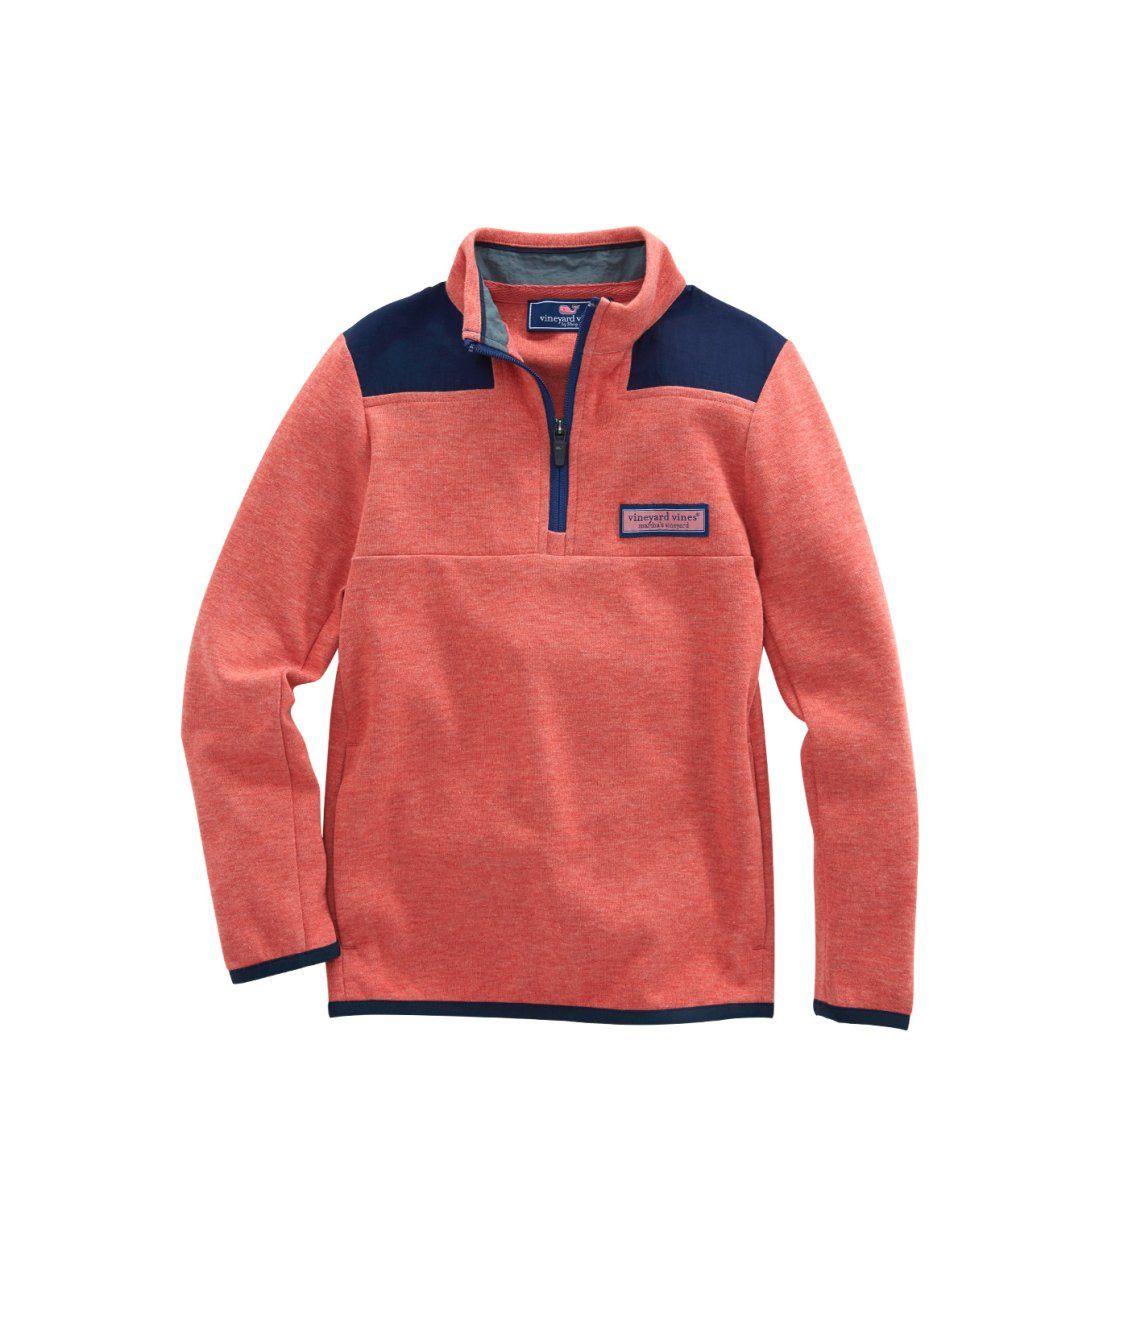 Boys mesh shep shirt new arrivals pinterest zip sweater